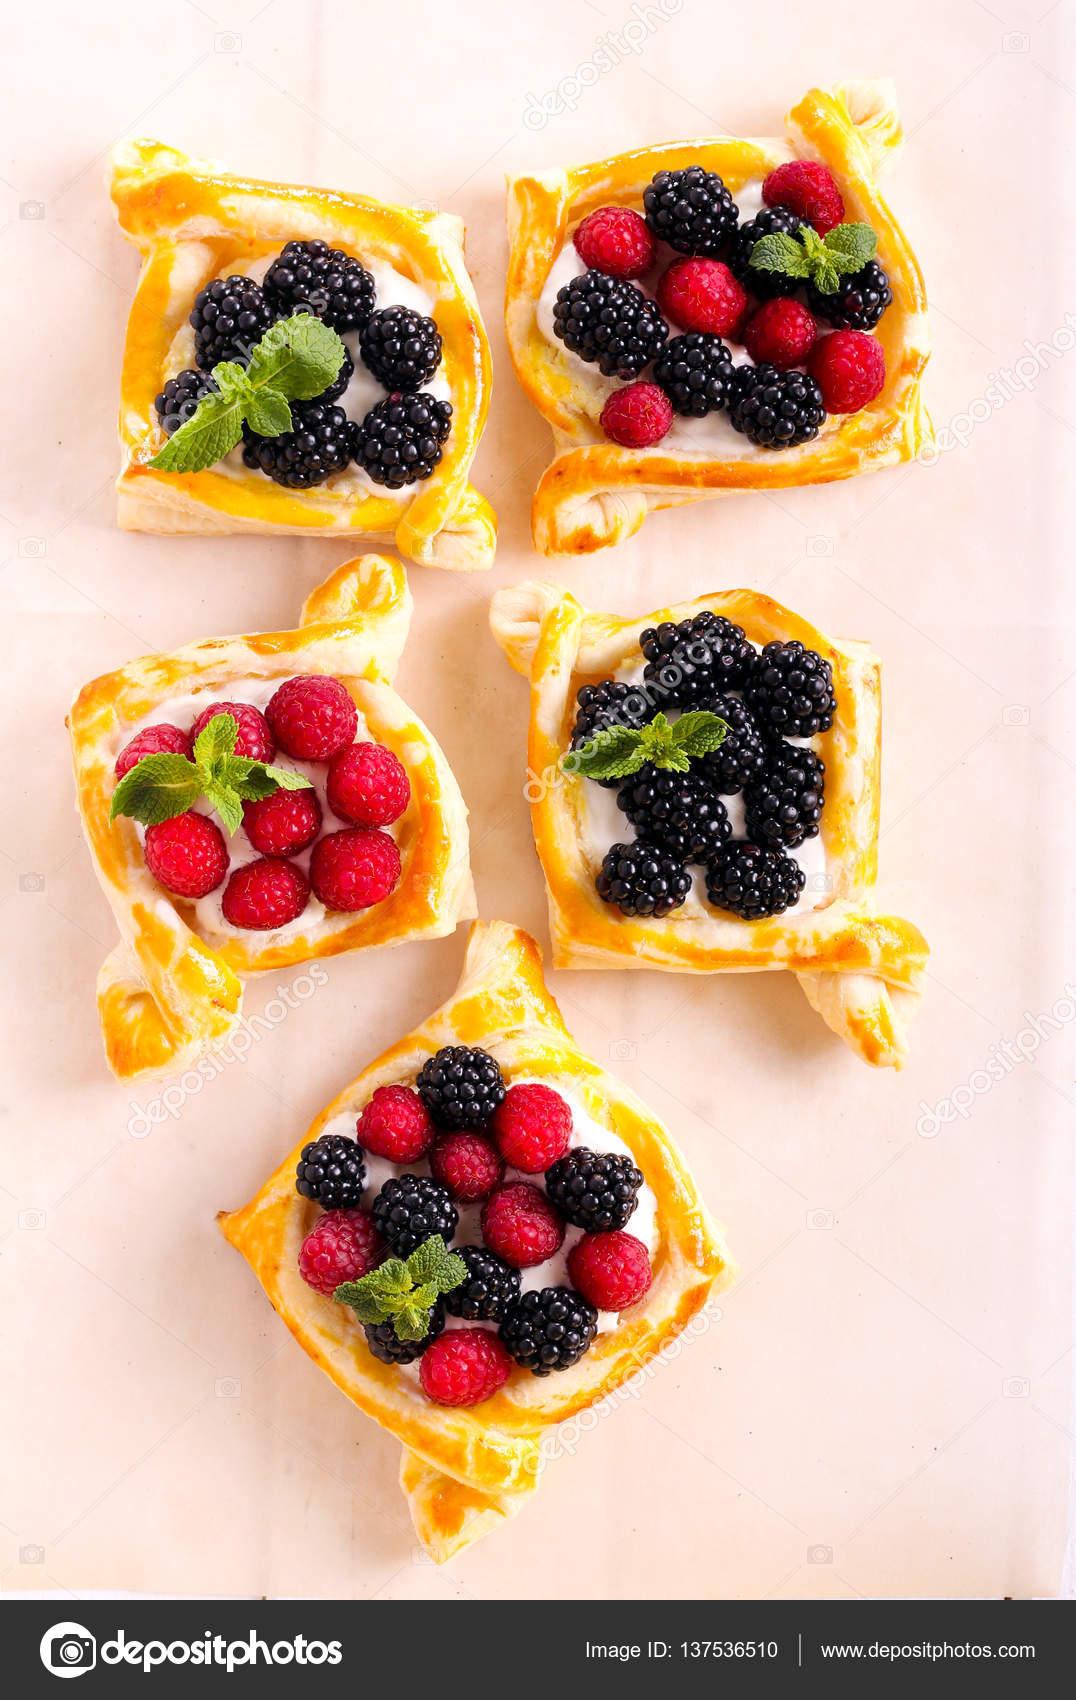 Blatterteig Kuchen Mit Creme Fullung Stockfoto C Manyakotic 137536510